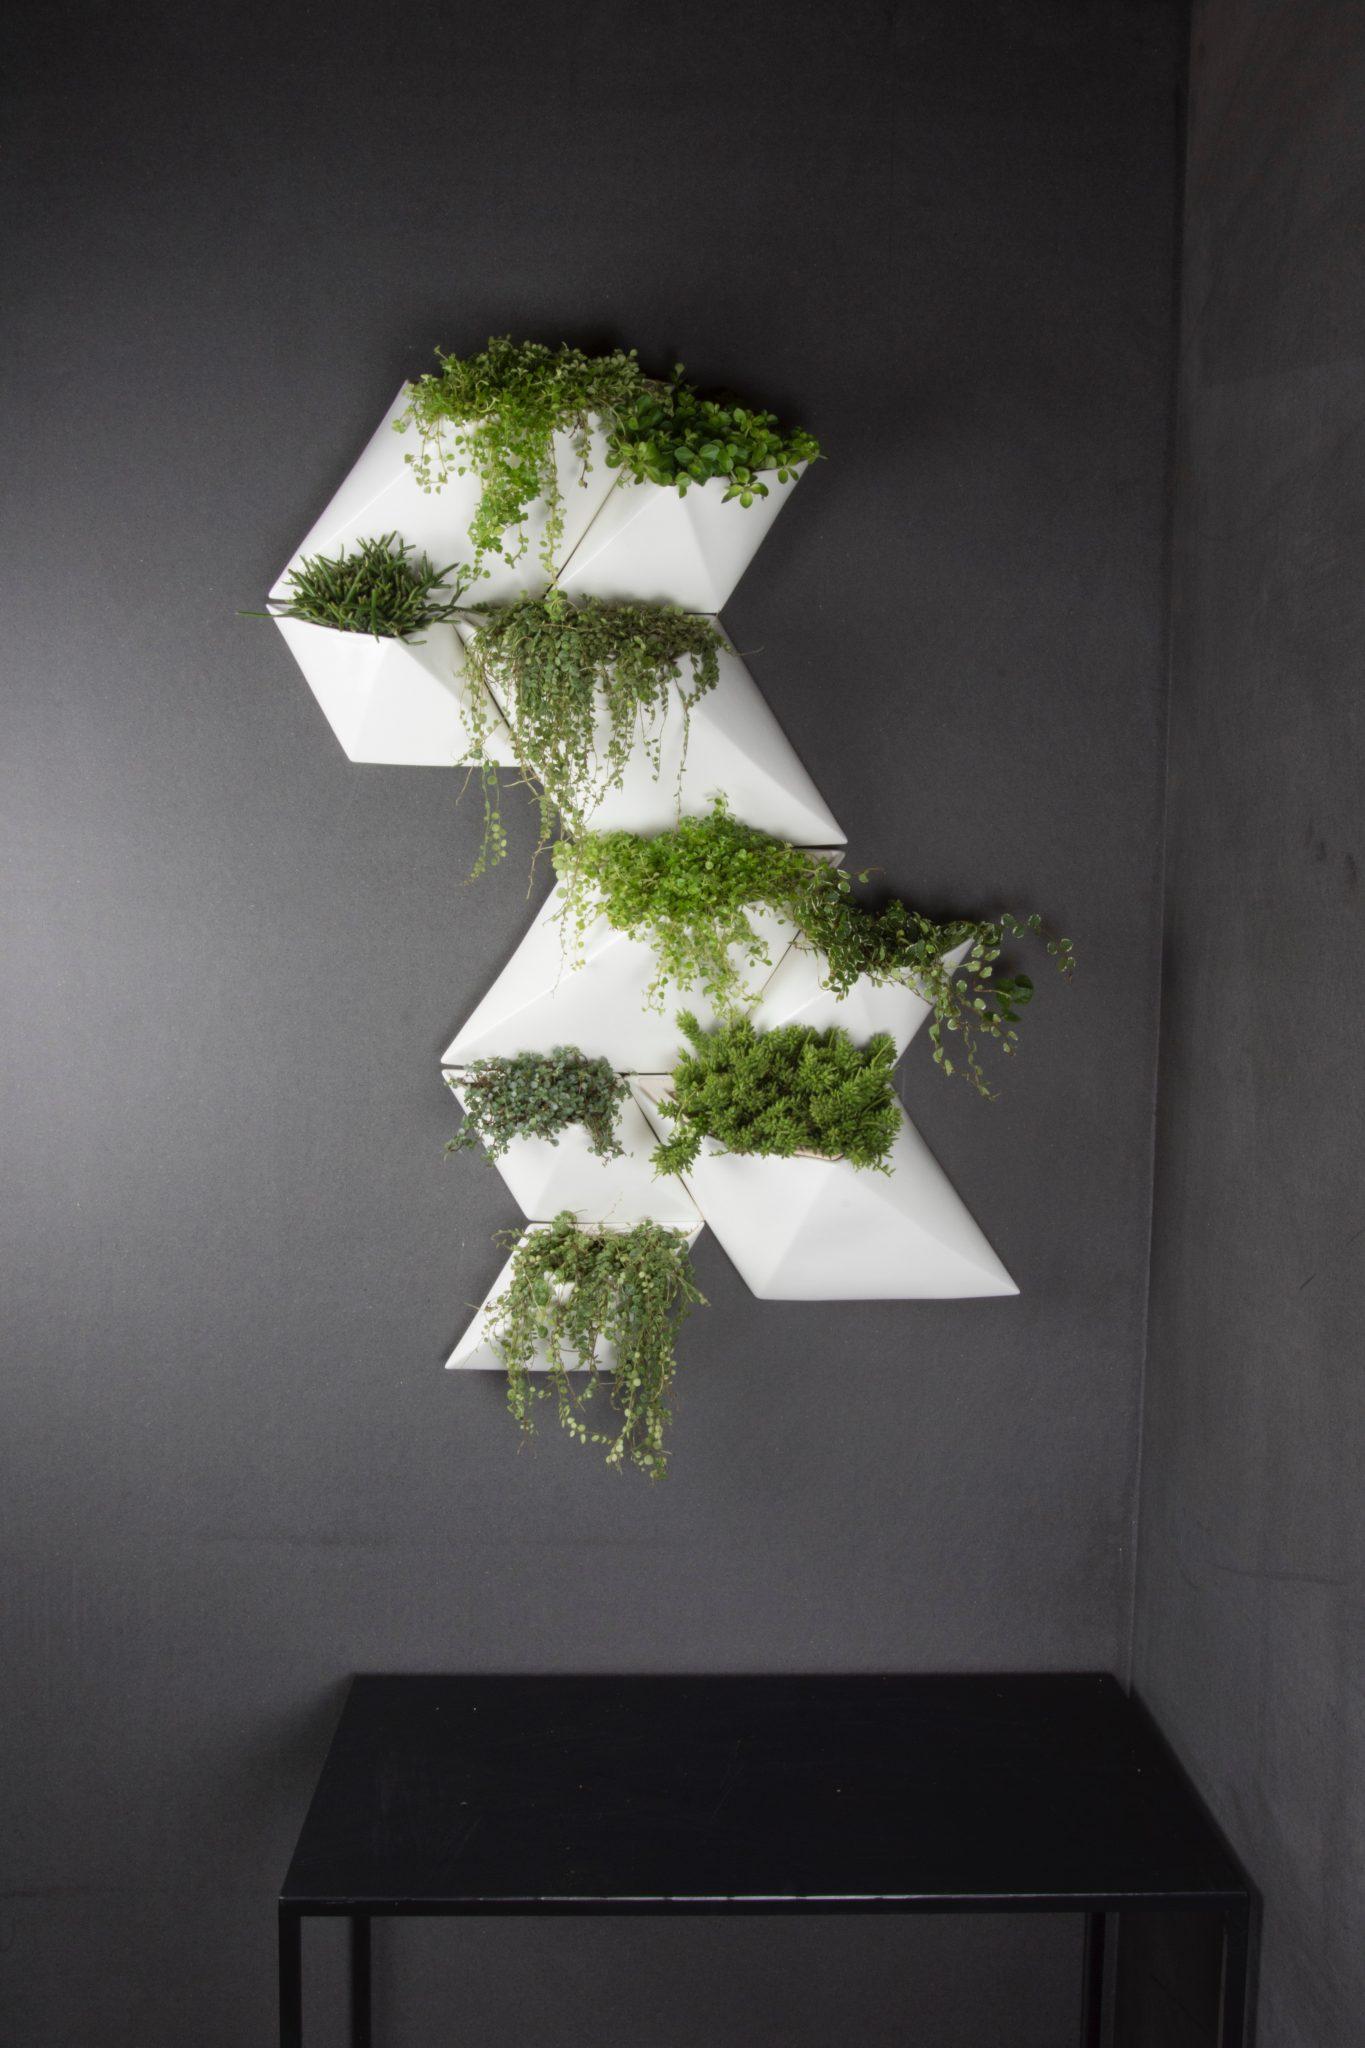 Sfeerbeeld K!-Design door Katja Van Breedam | Artistieke creaties en functioneel design in keramiek